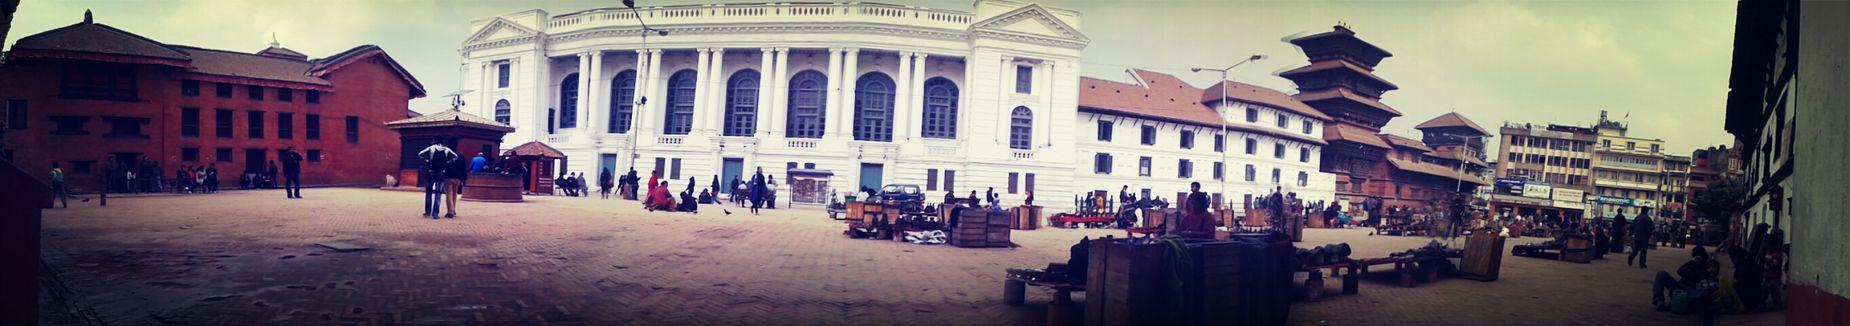 Panaroma test... . Panaroma Durbar Square